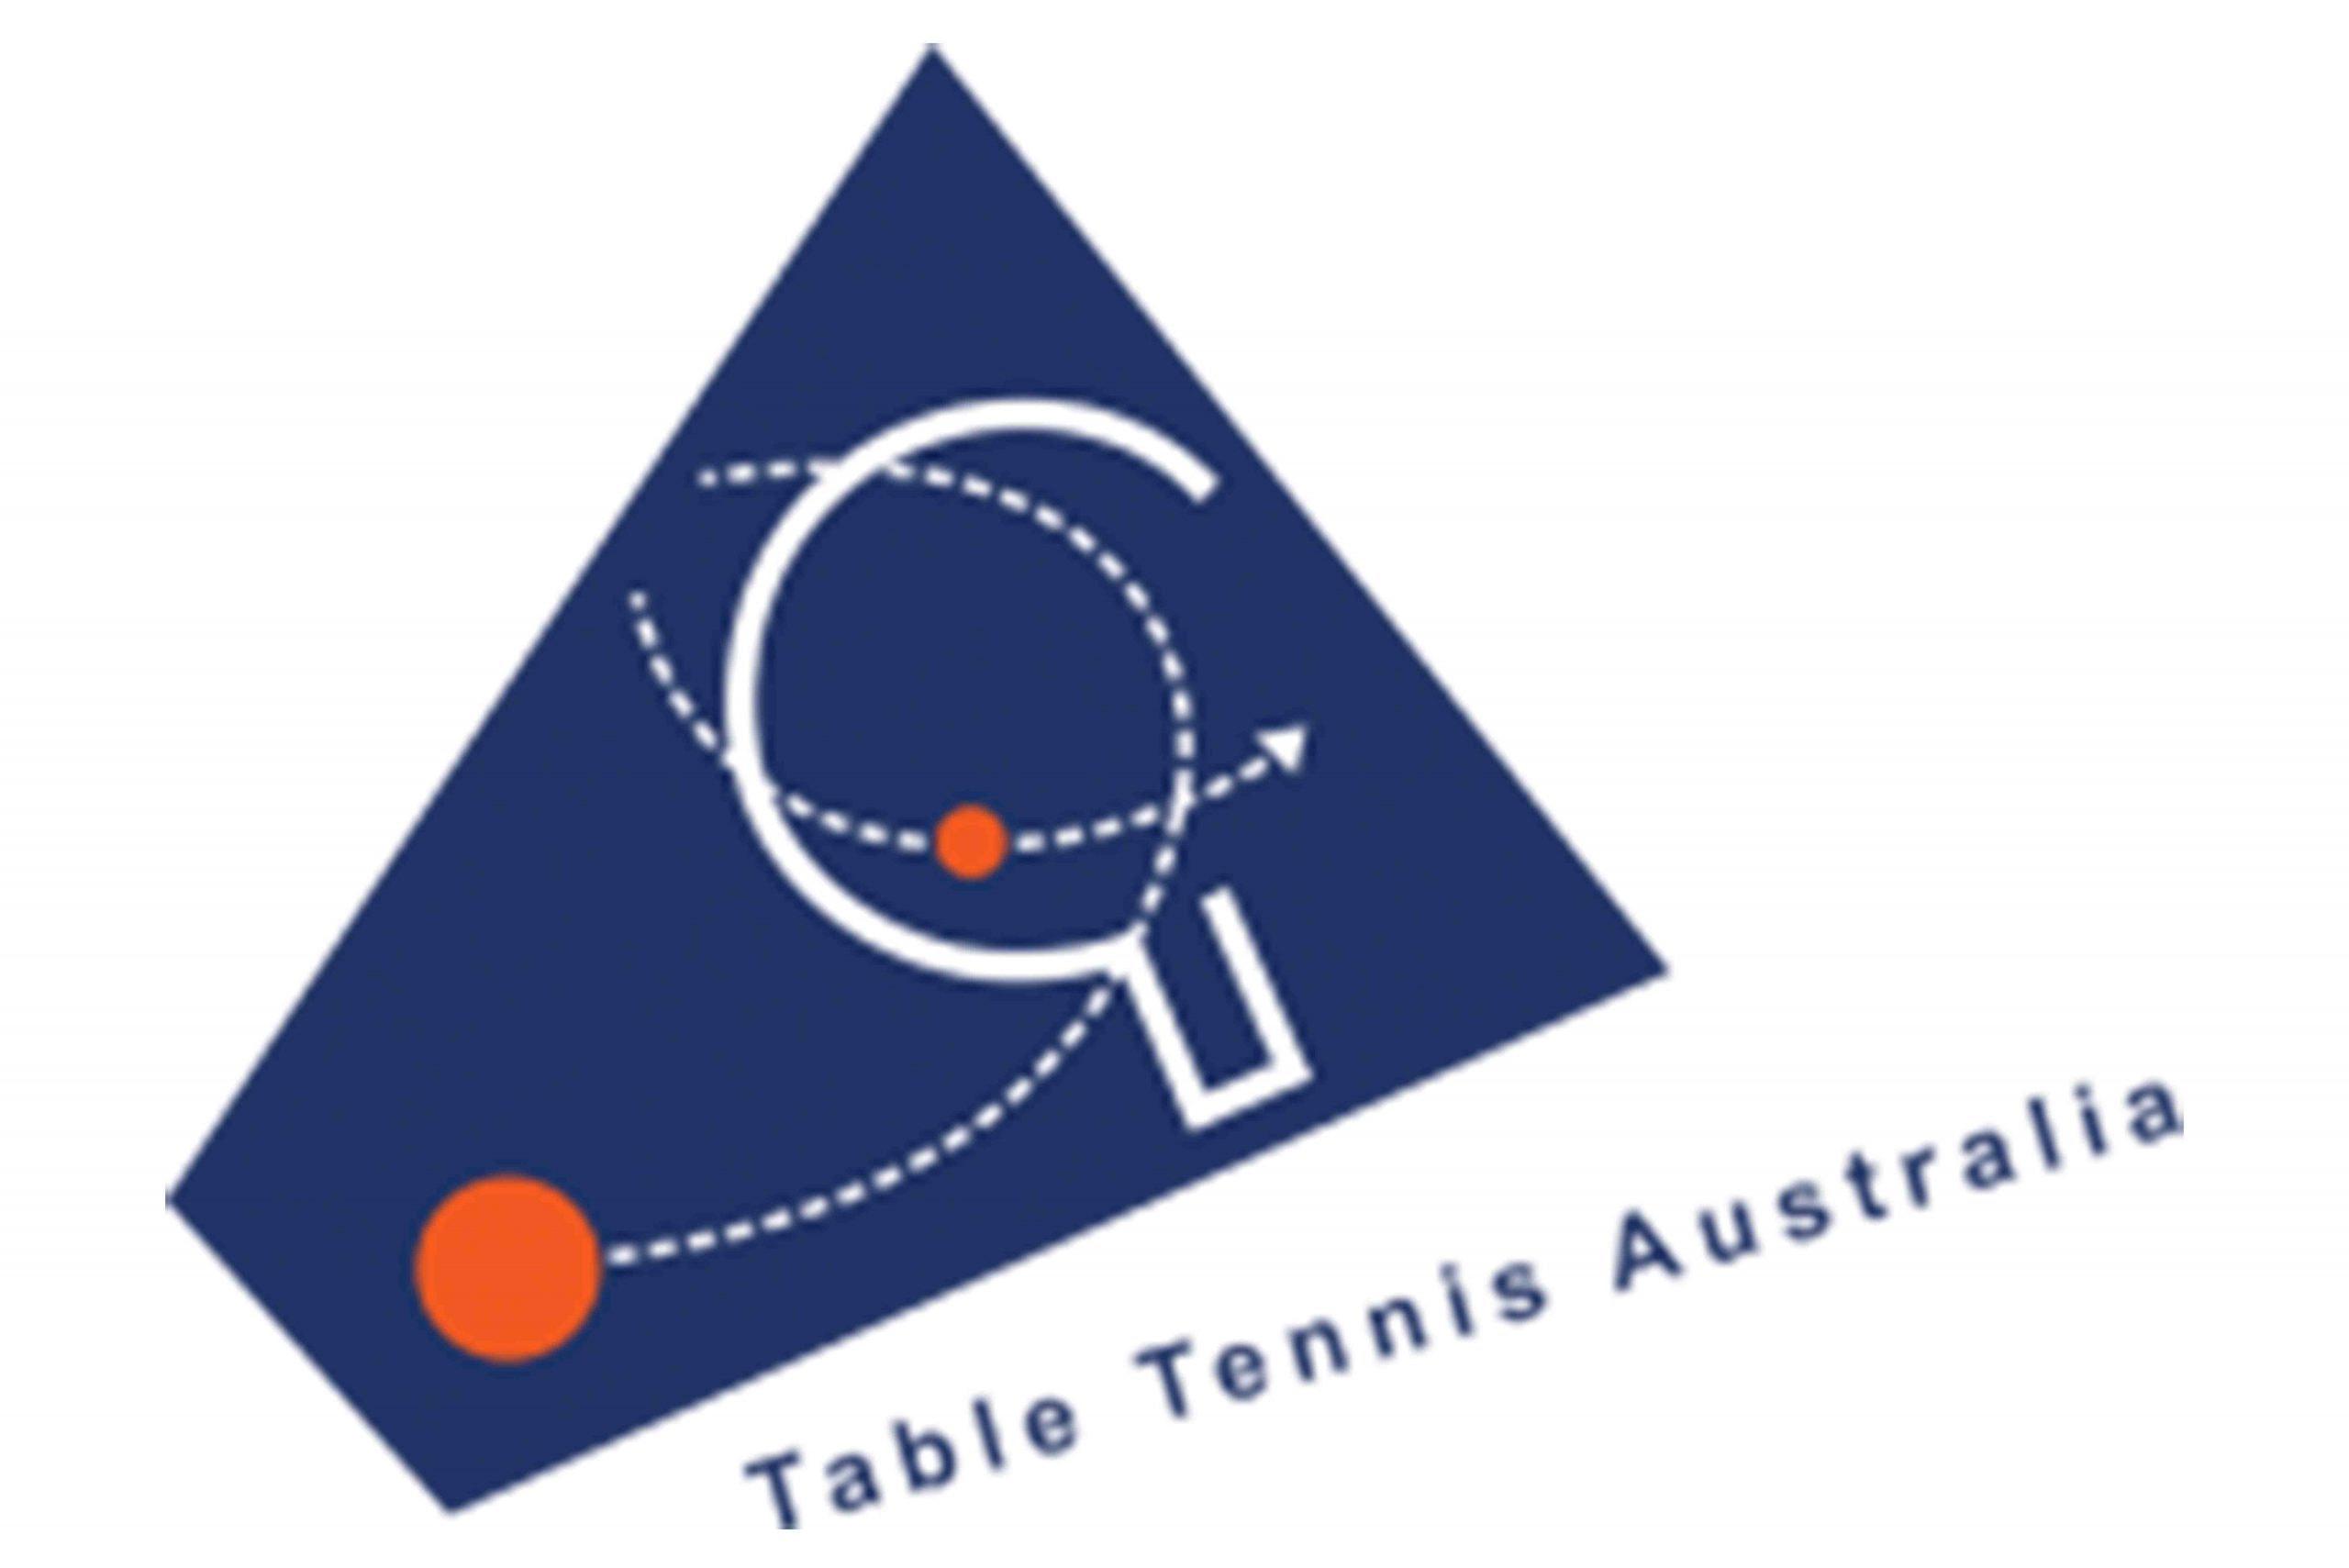 Table Tennis Australia Logo on a white background